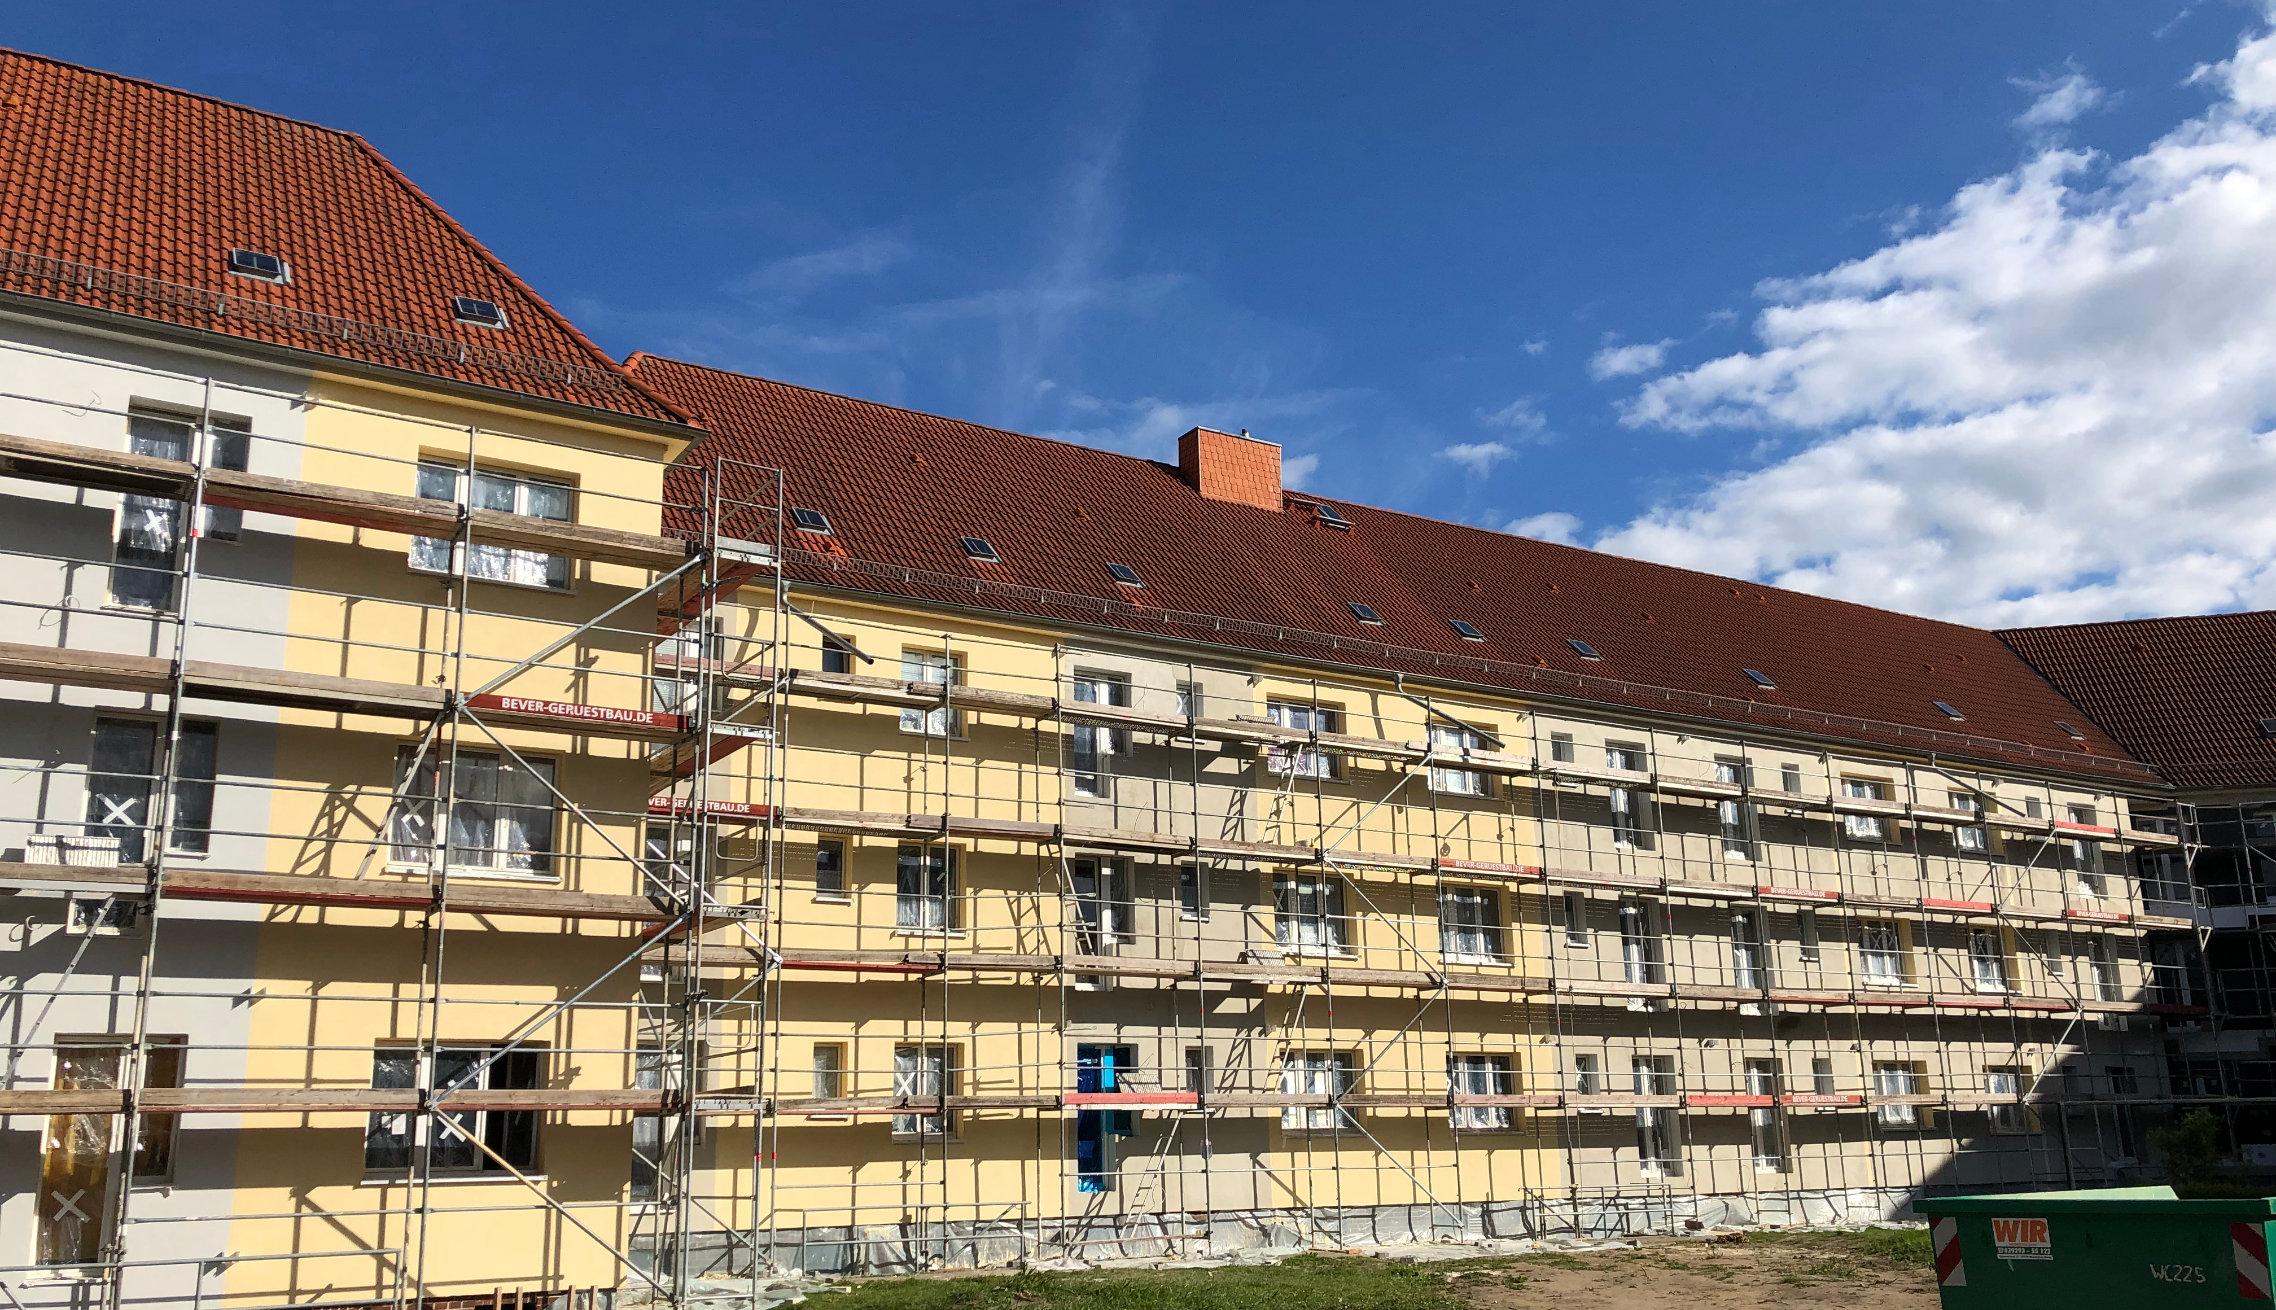 Energetische Fassadensanierung vom Bauunternehmen in Magdeburg